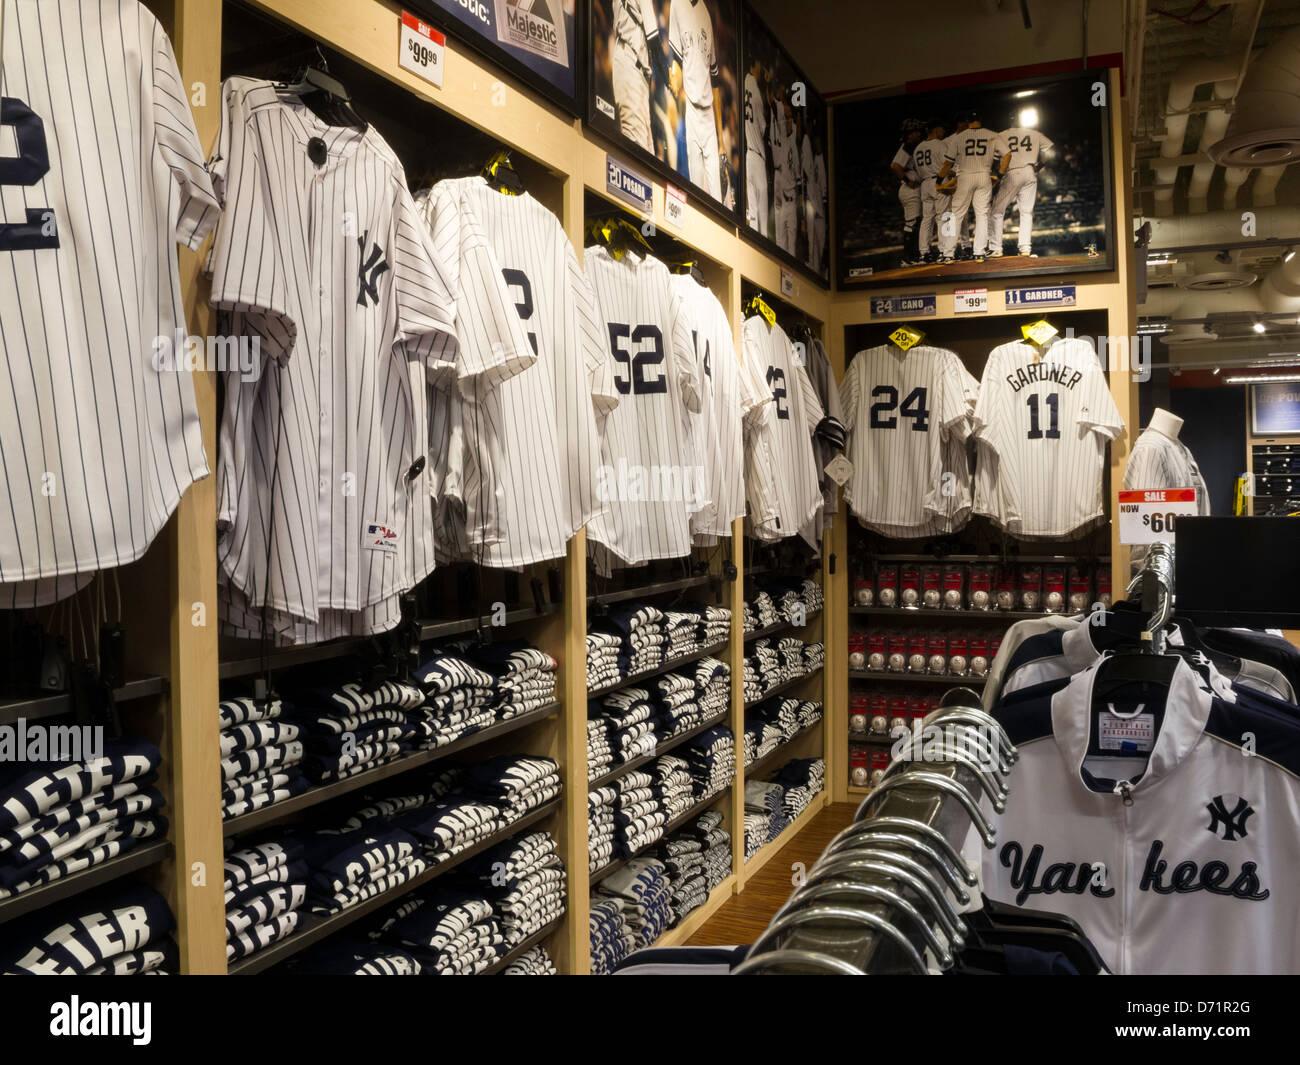 ae59f6b18ce80 Los Yankees de Nueva York camisetas